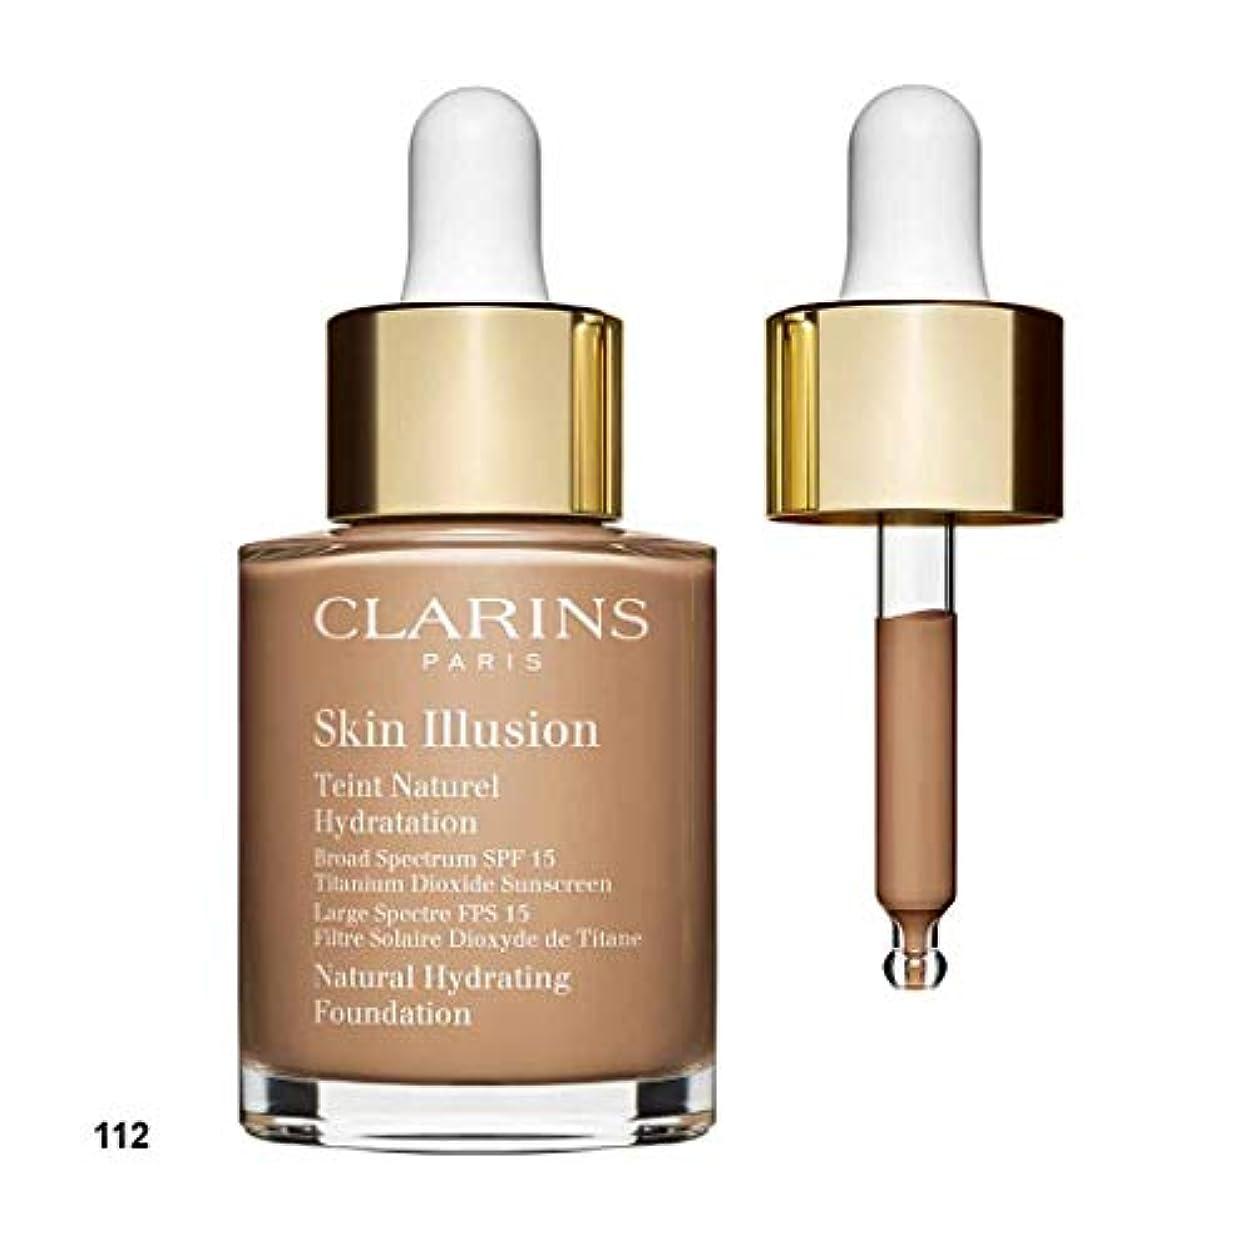 ブラウン閃光公使館クラランス Skin Illusion Natural Hydrating Foundation SPF 15# 112 Amber 30ml/1oz並行輸入品